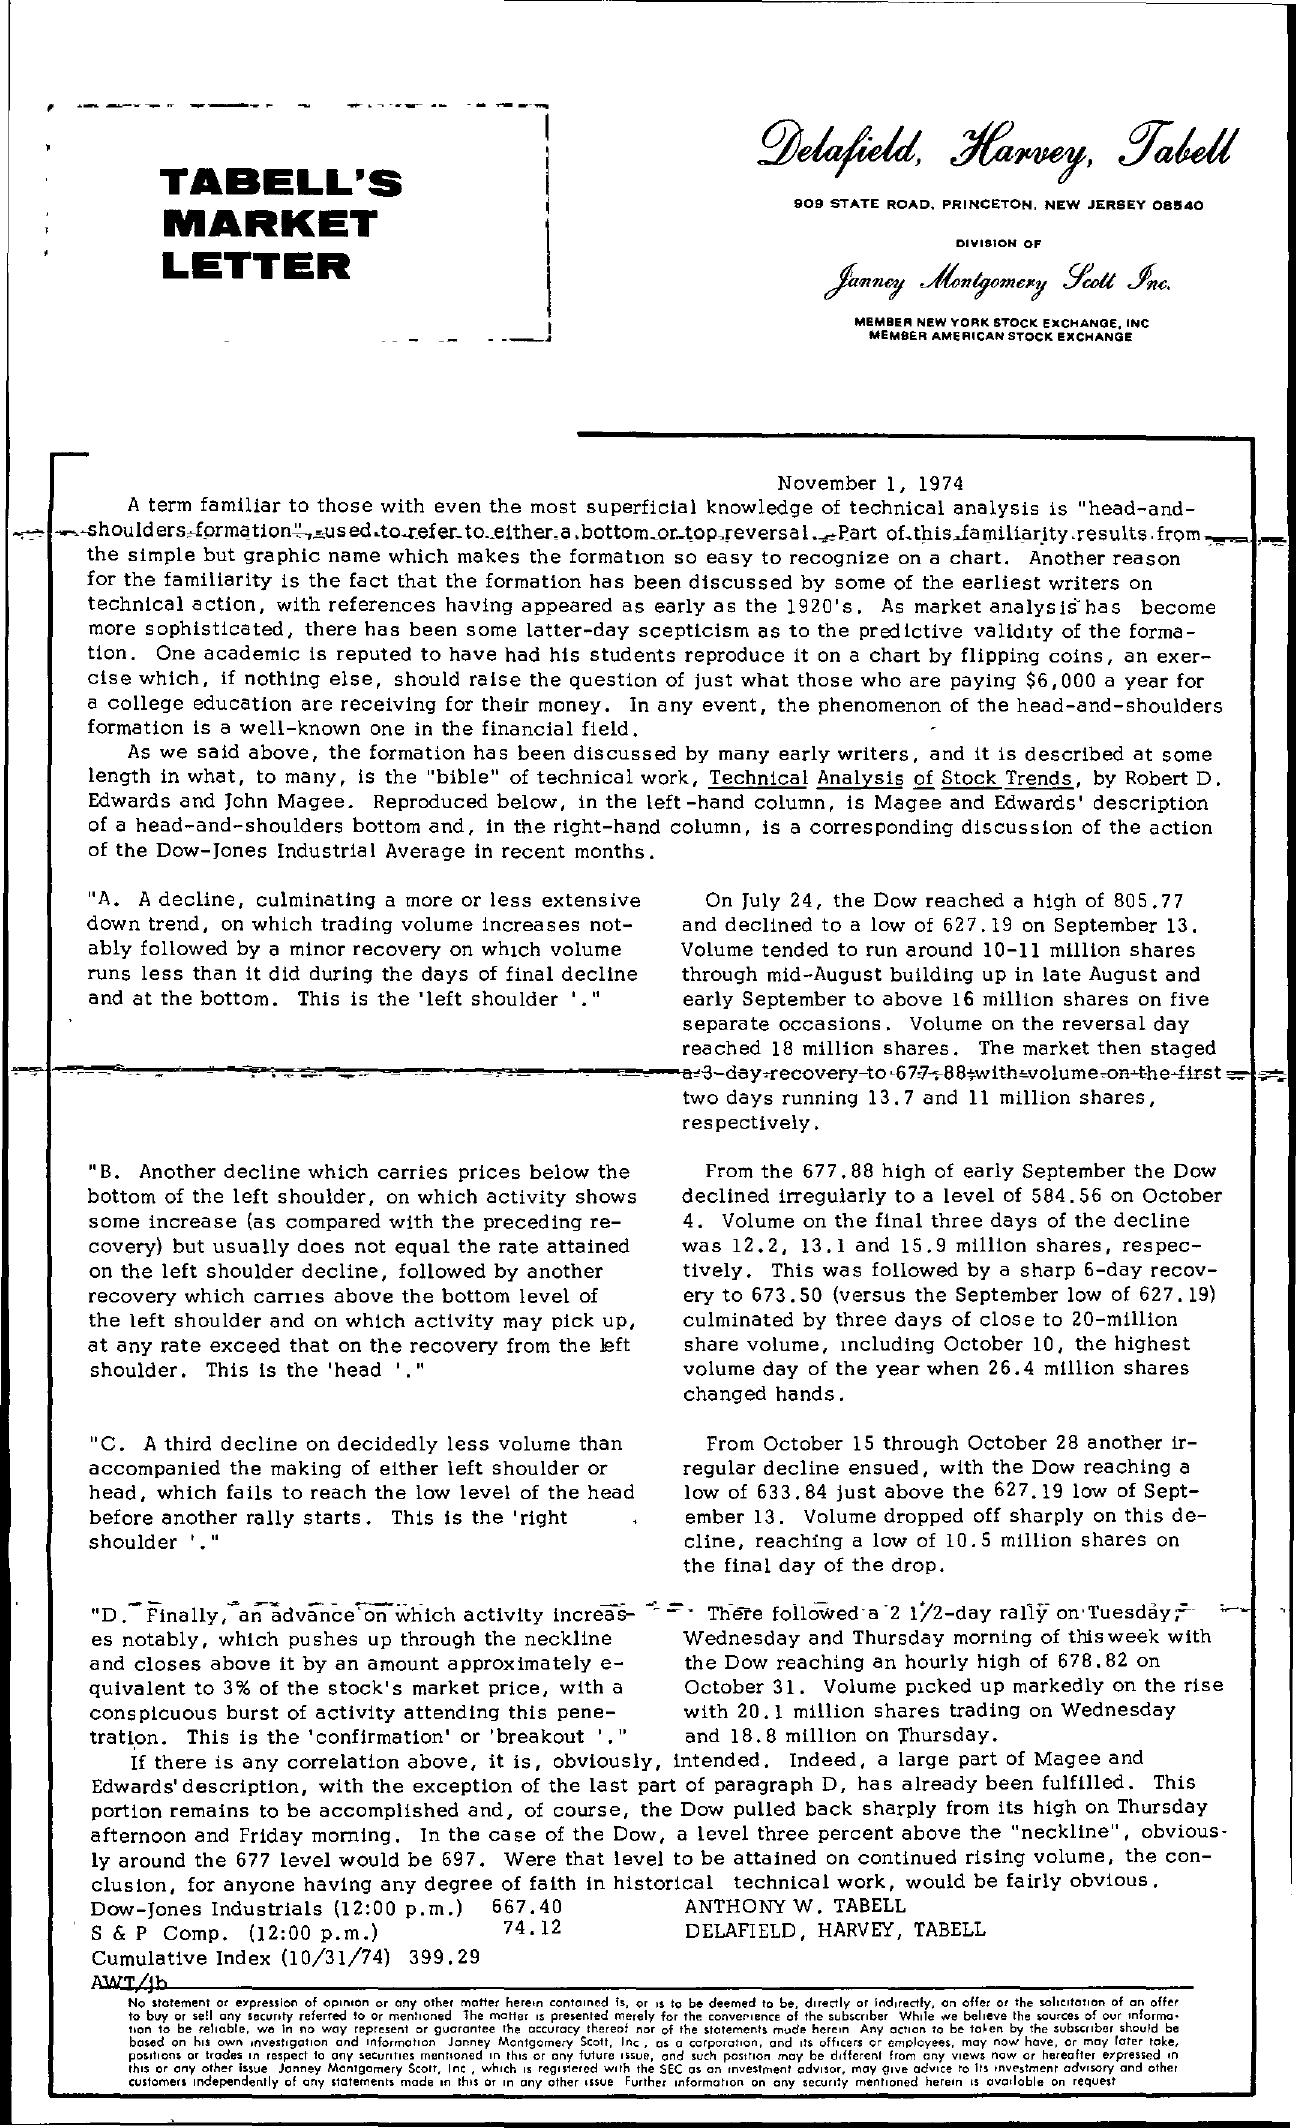 Tabell's Market Letter - November 01, 1974